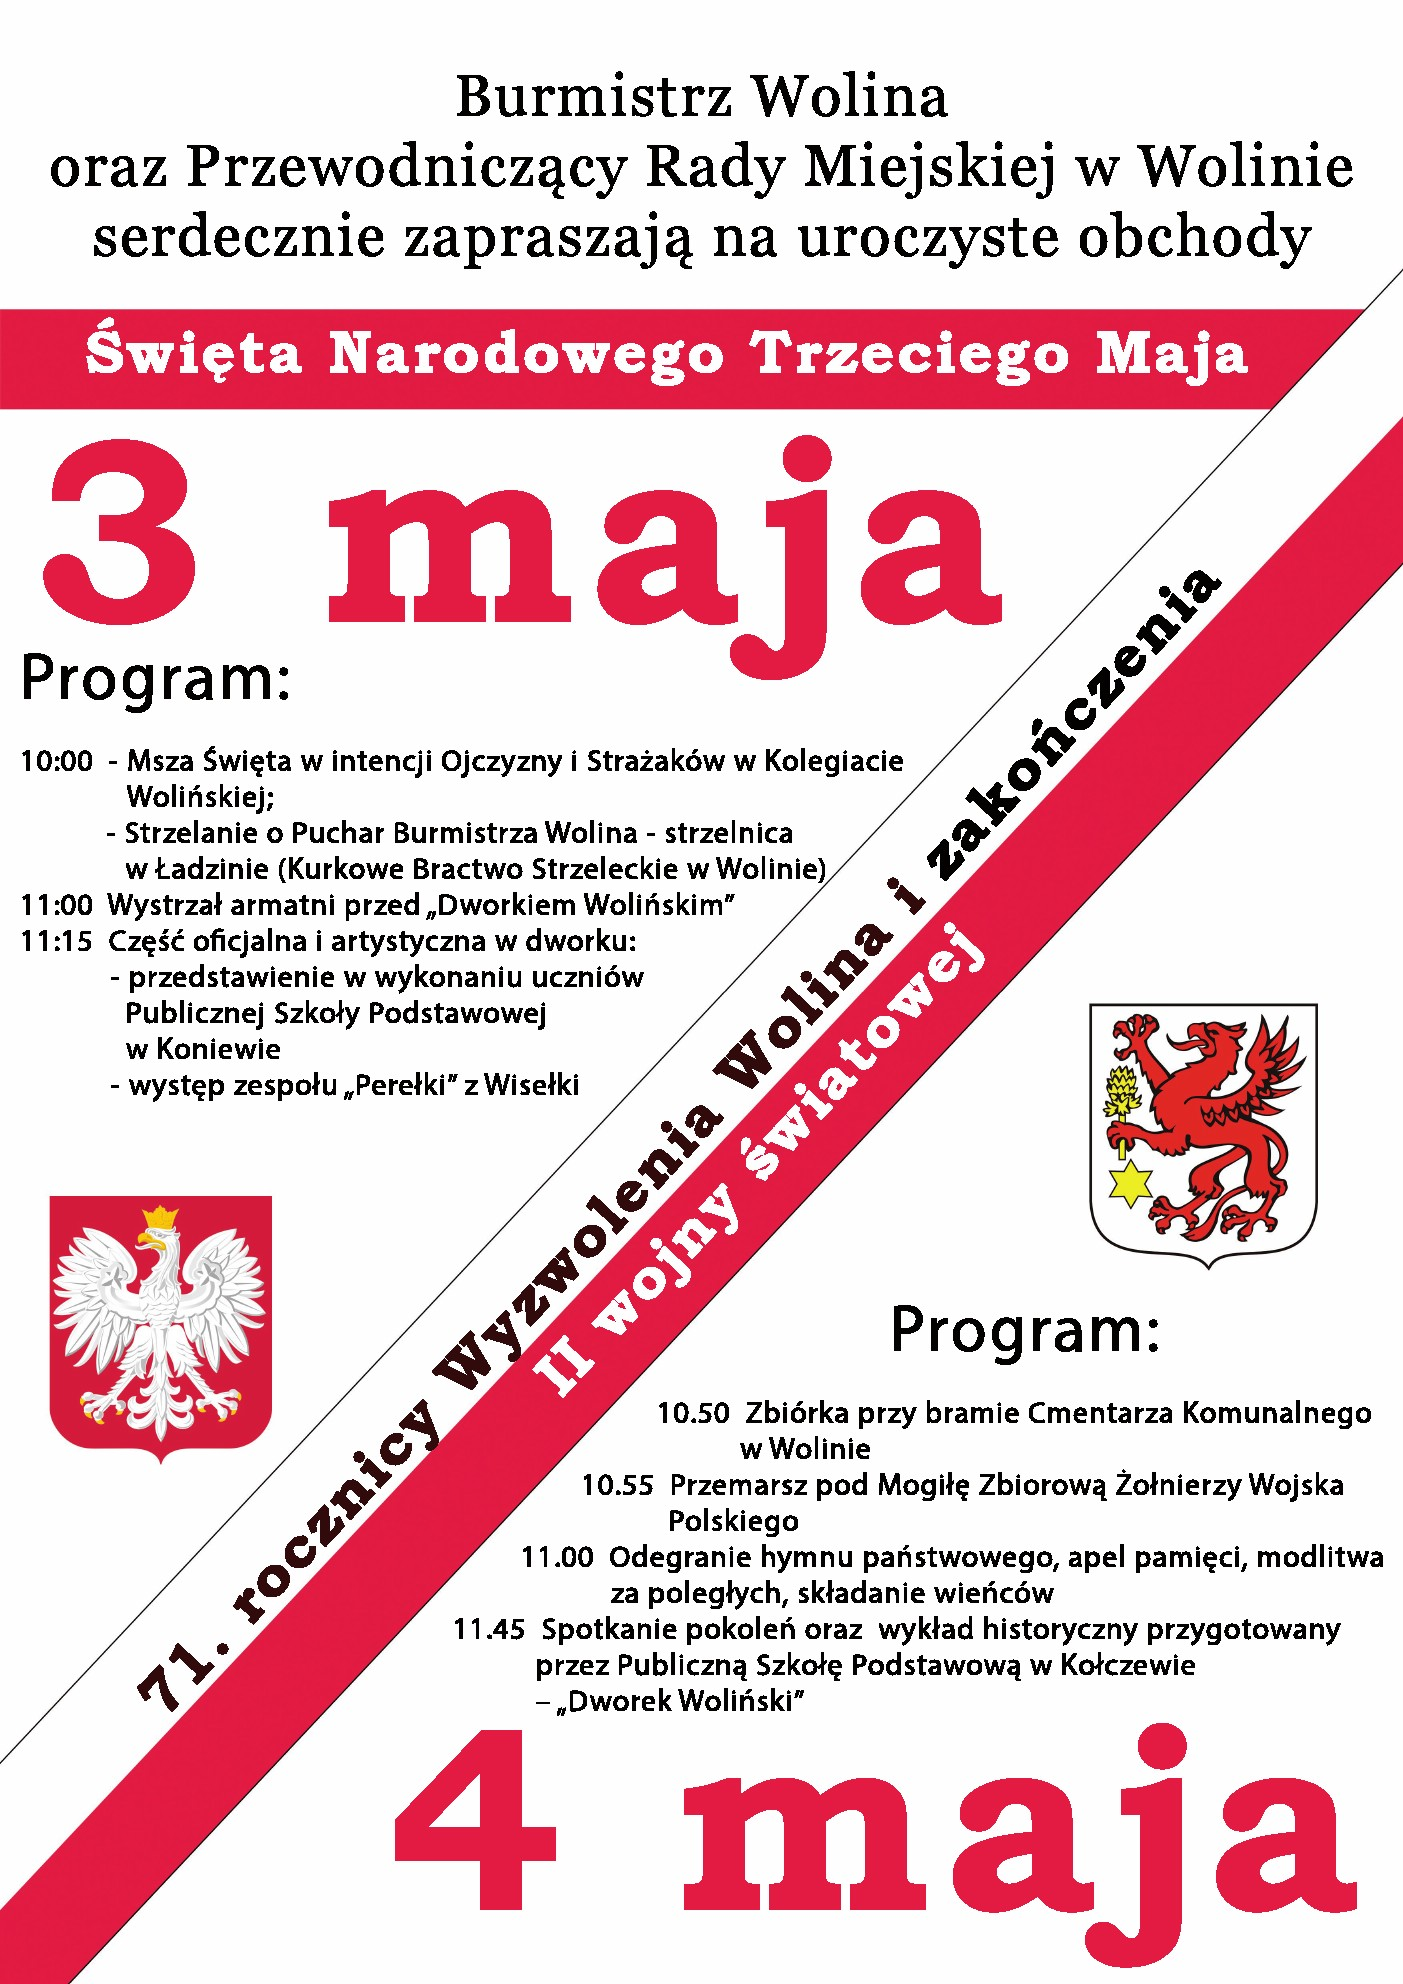 Obchody Święta Narodowego Trzeciego Maja  w Wolinie …